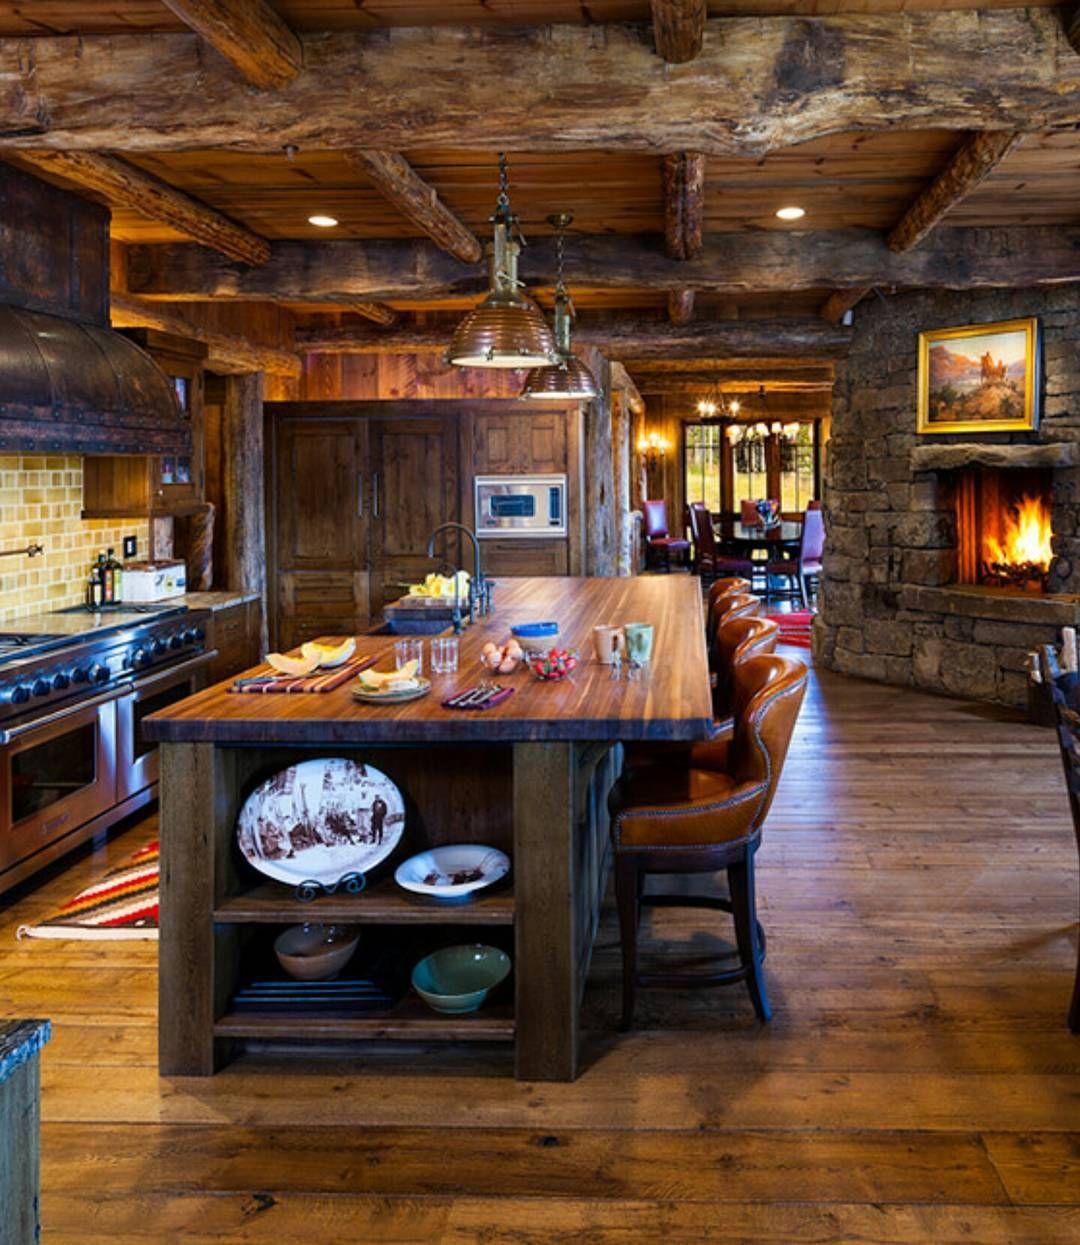 kitchen | Home design | Pinterest | Holzhäuschen und Häuschen